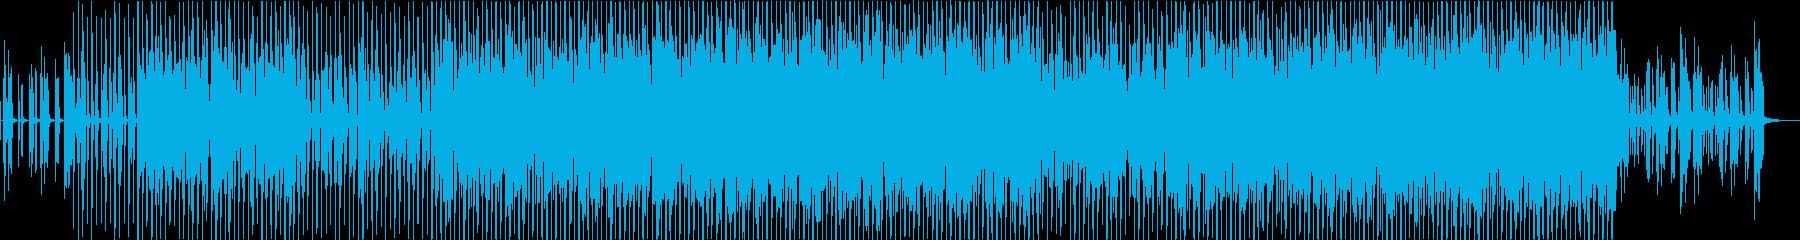 EDMクラブダンス系、ファンキーの再生済みの波形